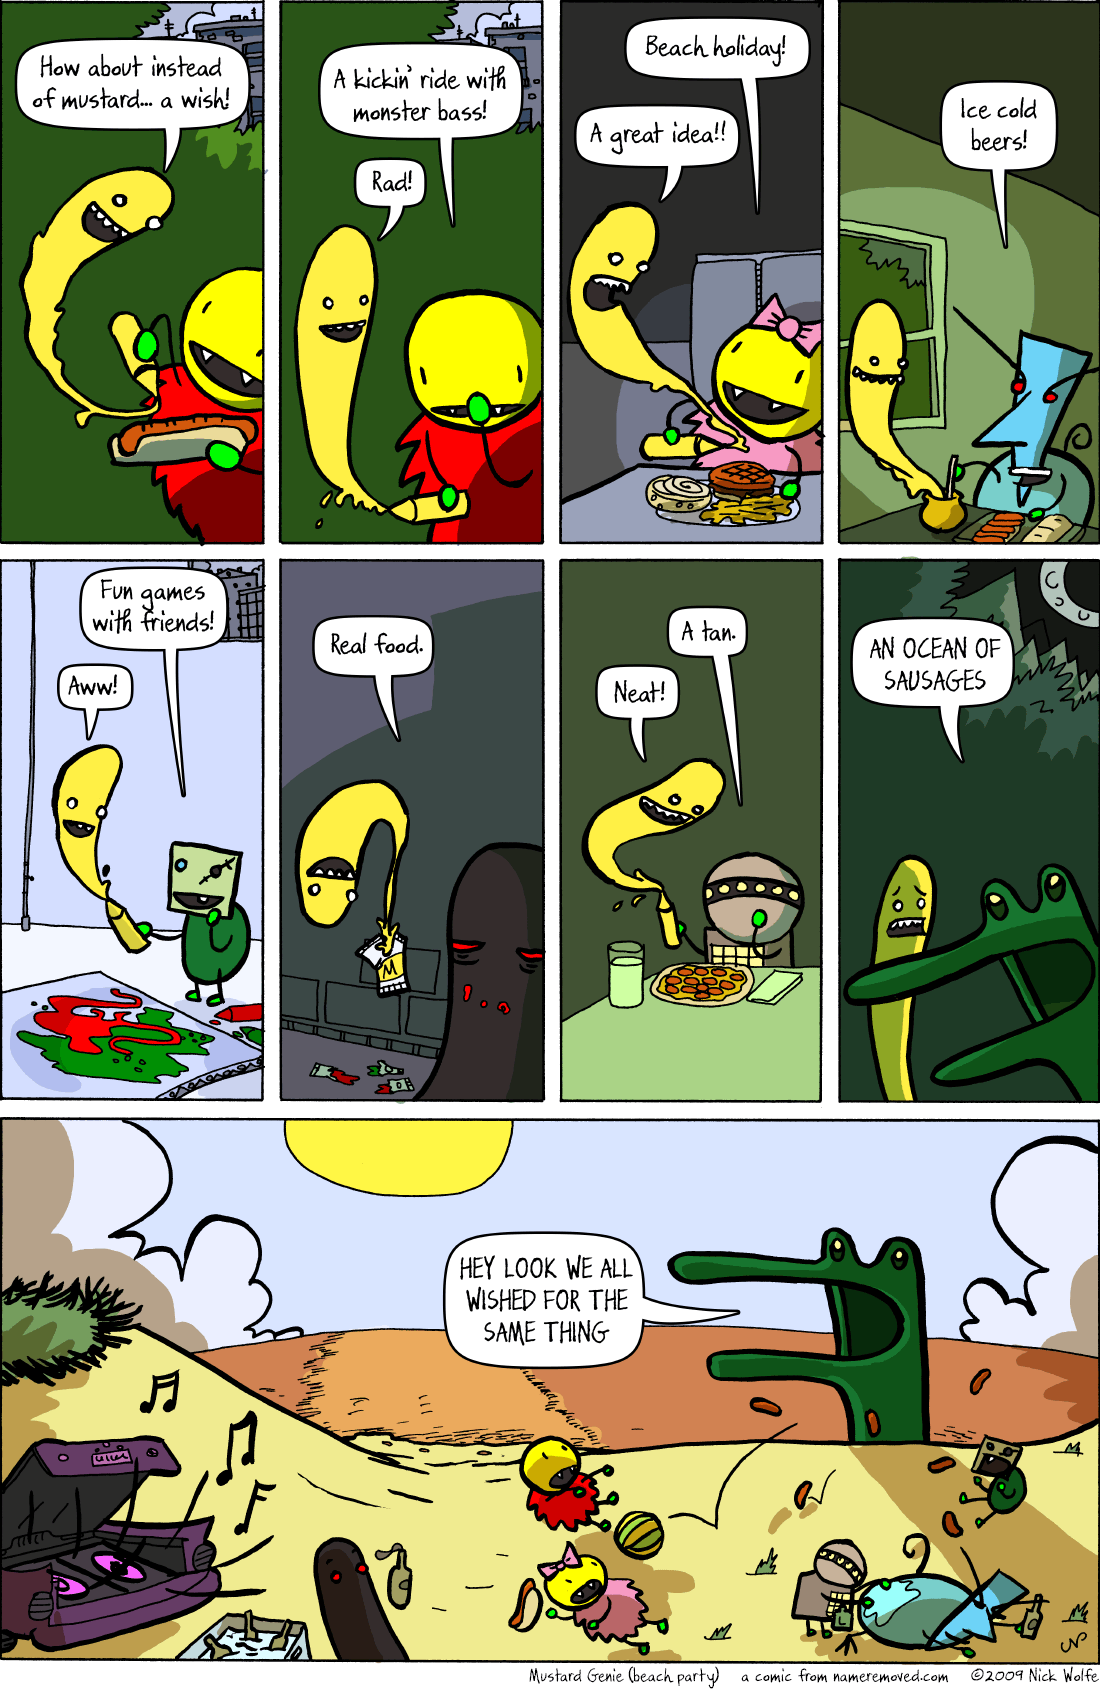 Mustard Genie (beach party)